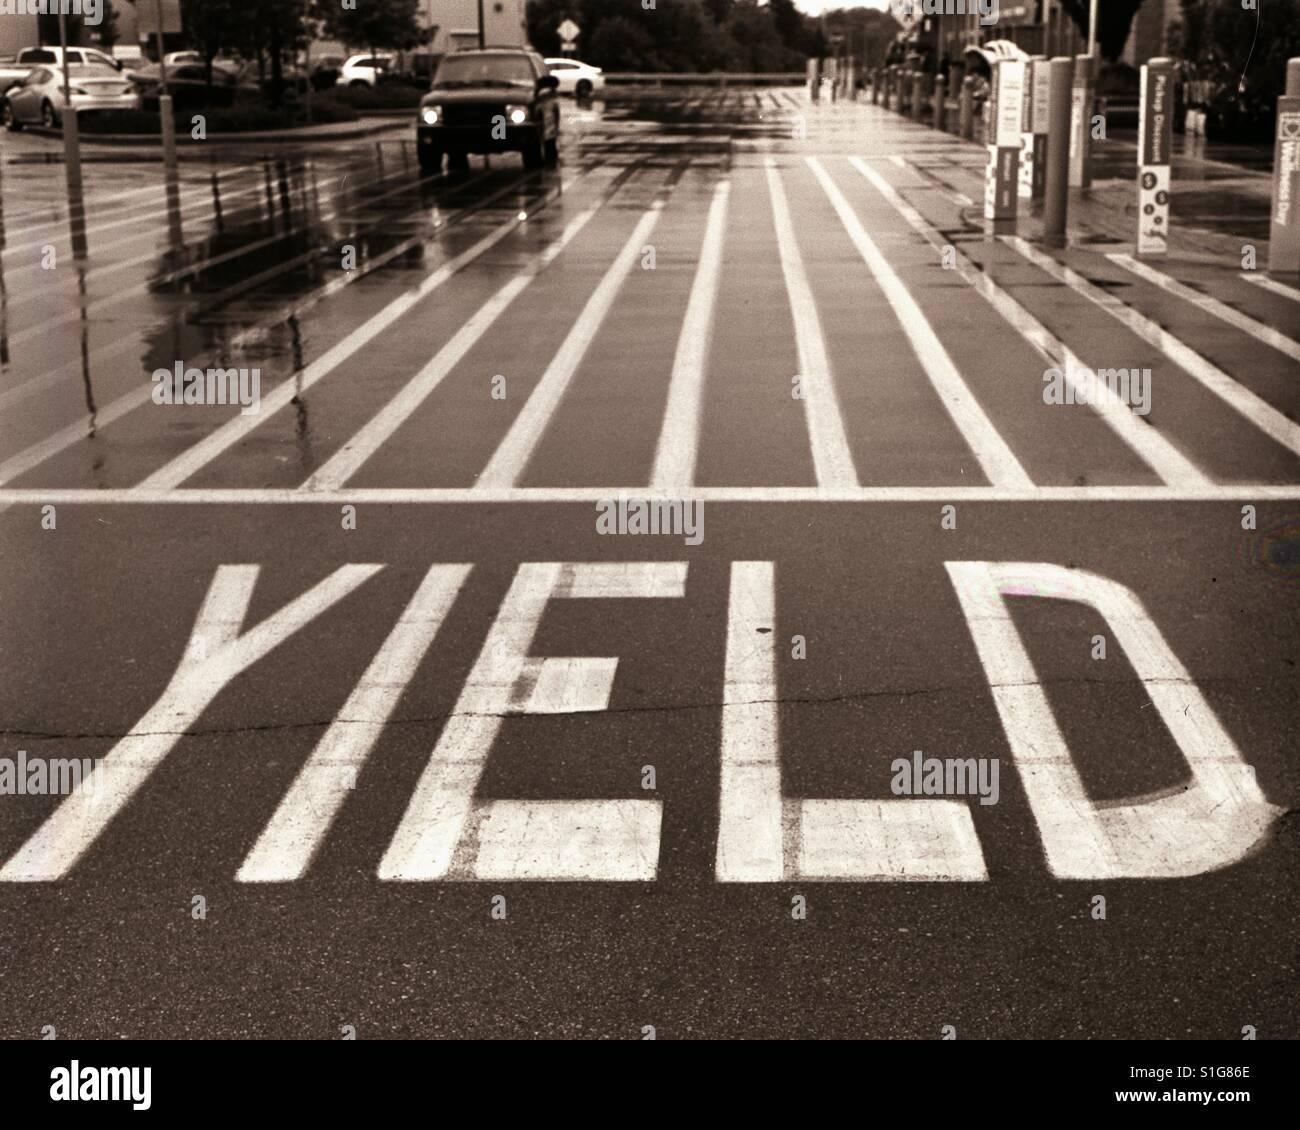 Yield - Stock Image